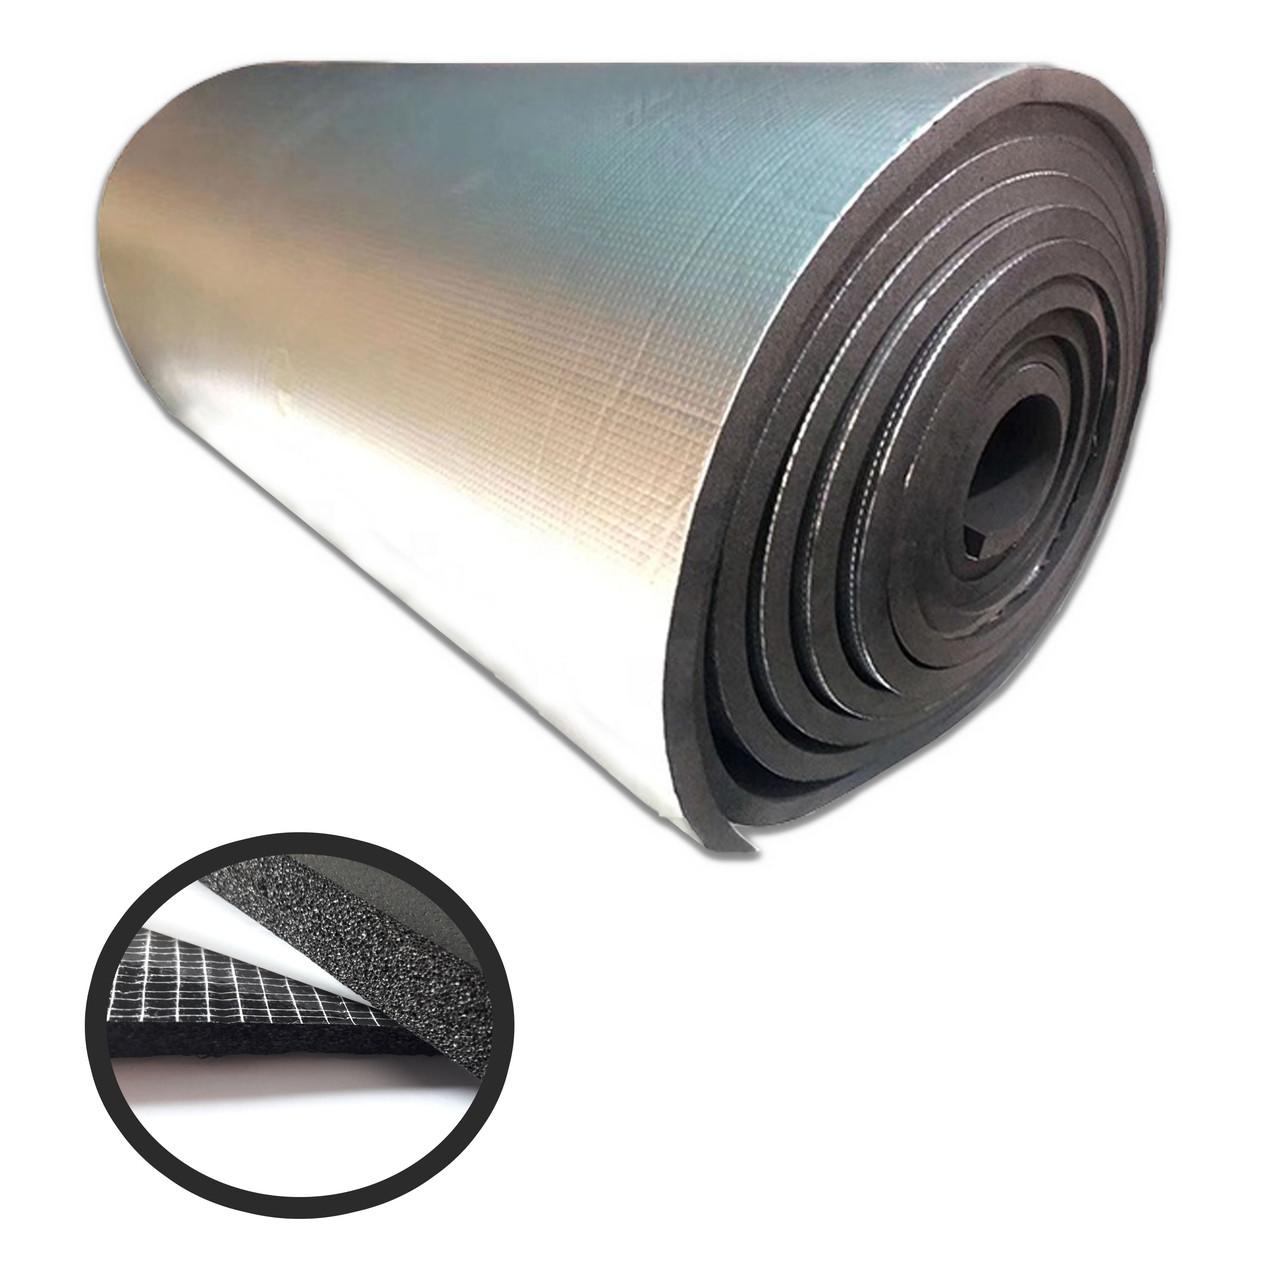 Вспененный каучук 19 мм самоклеющийся фольгированный (утеплитель, шумоизоляция)